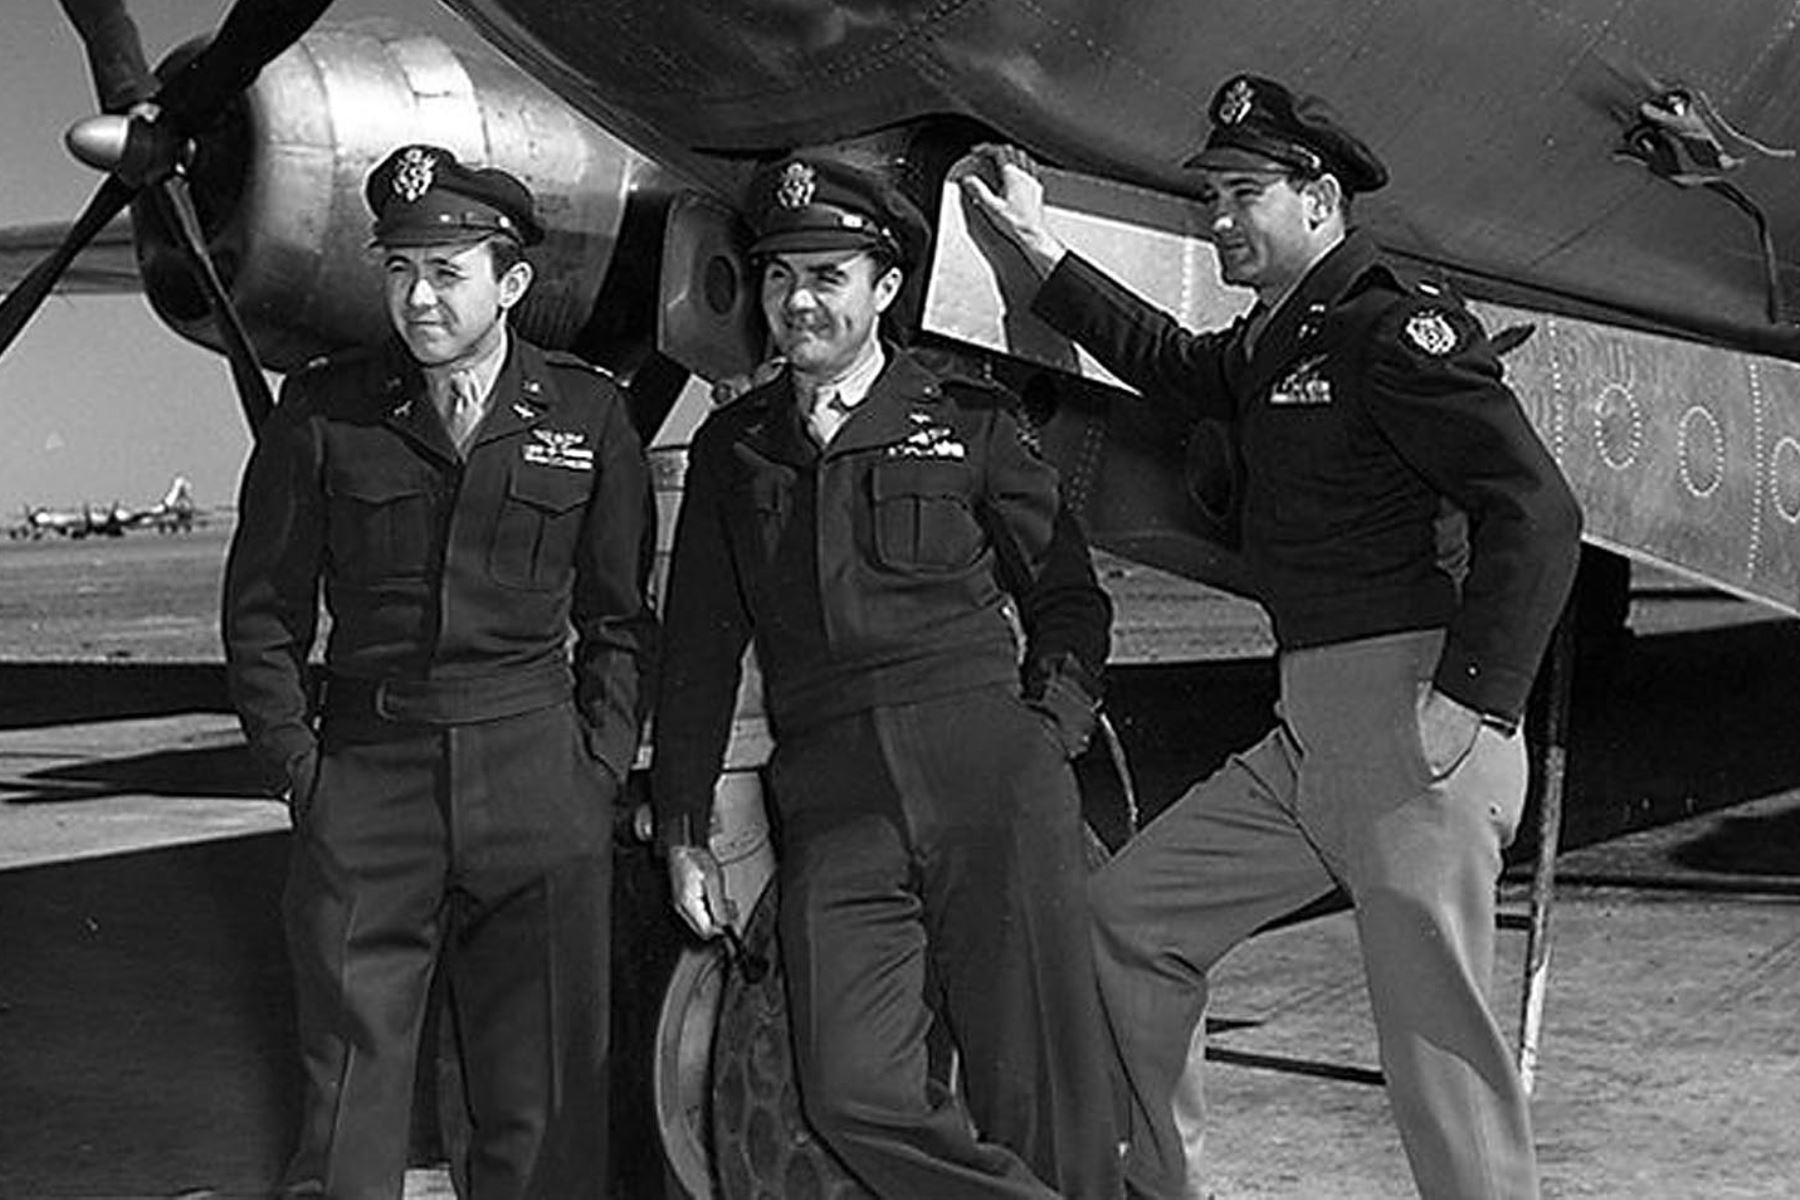 """Esta foto de agosto de 1945 de la Fuerza Aérea de EE. UU. Muestra a la tripulación del bombardero B-29 """"Enola Gay"""". El navegante Major Theodore Van Kirk, el piloto Col. Paul Tibbets y el bombardero Major Thomas Ferebee después de arrojar la primera bomba atómica sobre Hiroshima el 06 de agosto de 1945. Los medios estadounidenses informan el 1 de noviembre de 2007 que Tibbits murió en su casa en Columbus, Ohio. Tenía 92 años. Tibbets había tenido problemas de salud debido a varias dolencias. Foto: AFP"""